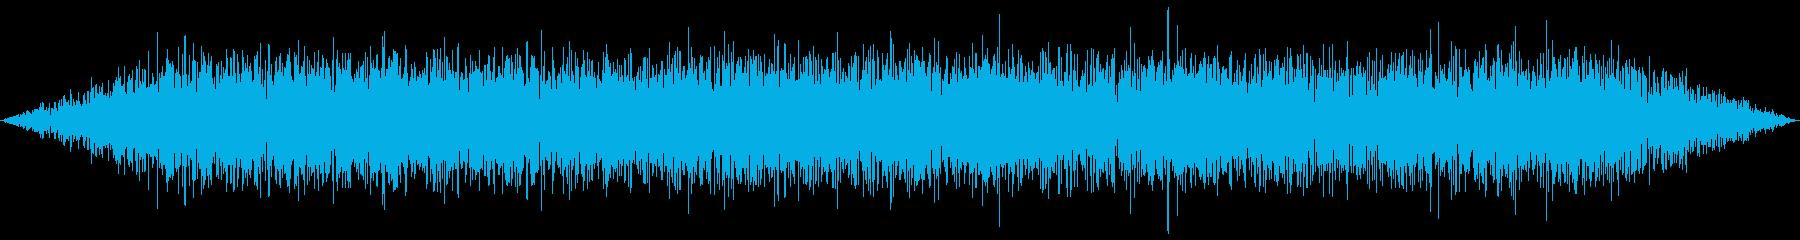 ゴー(宇宙船内環境音)の再生済みの波形